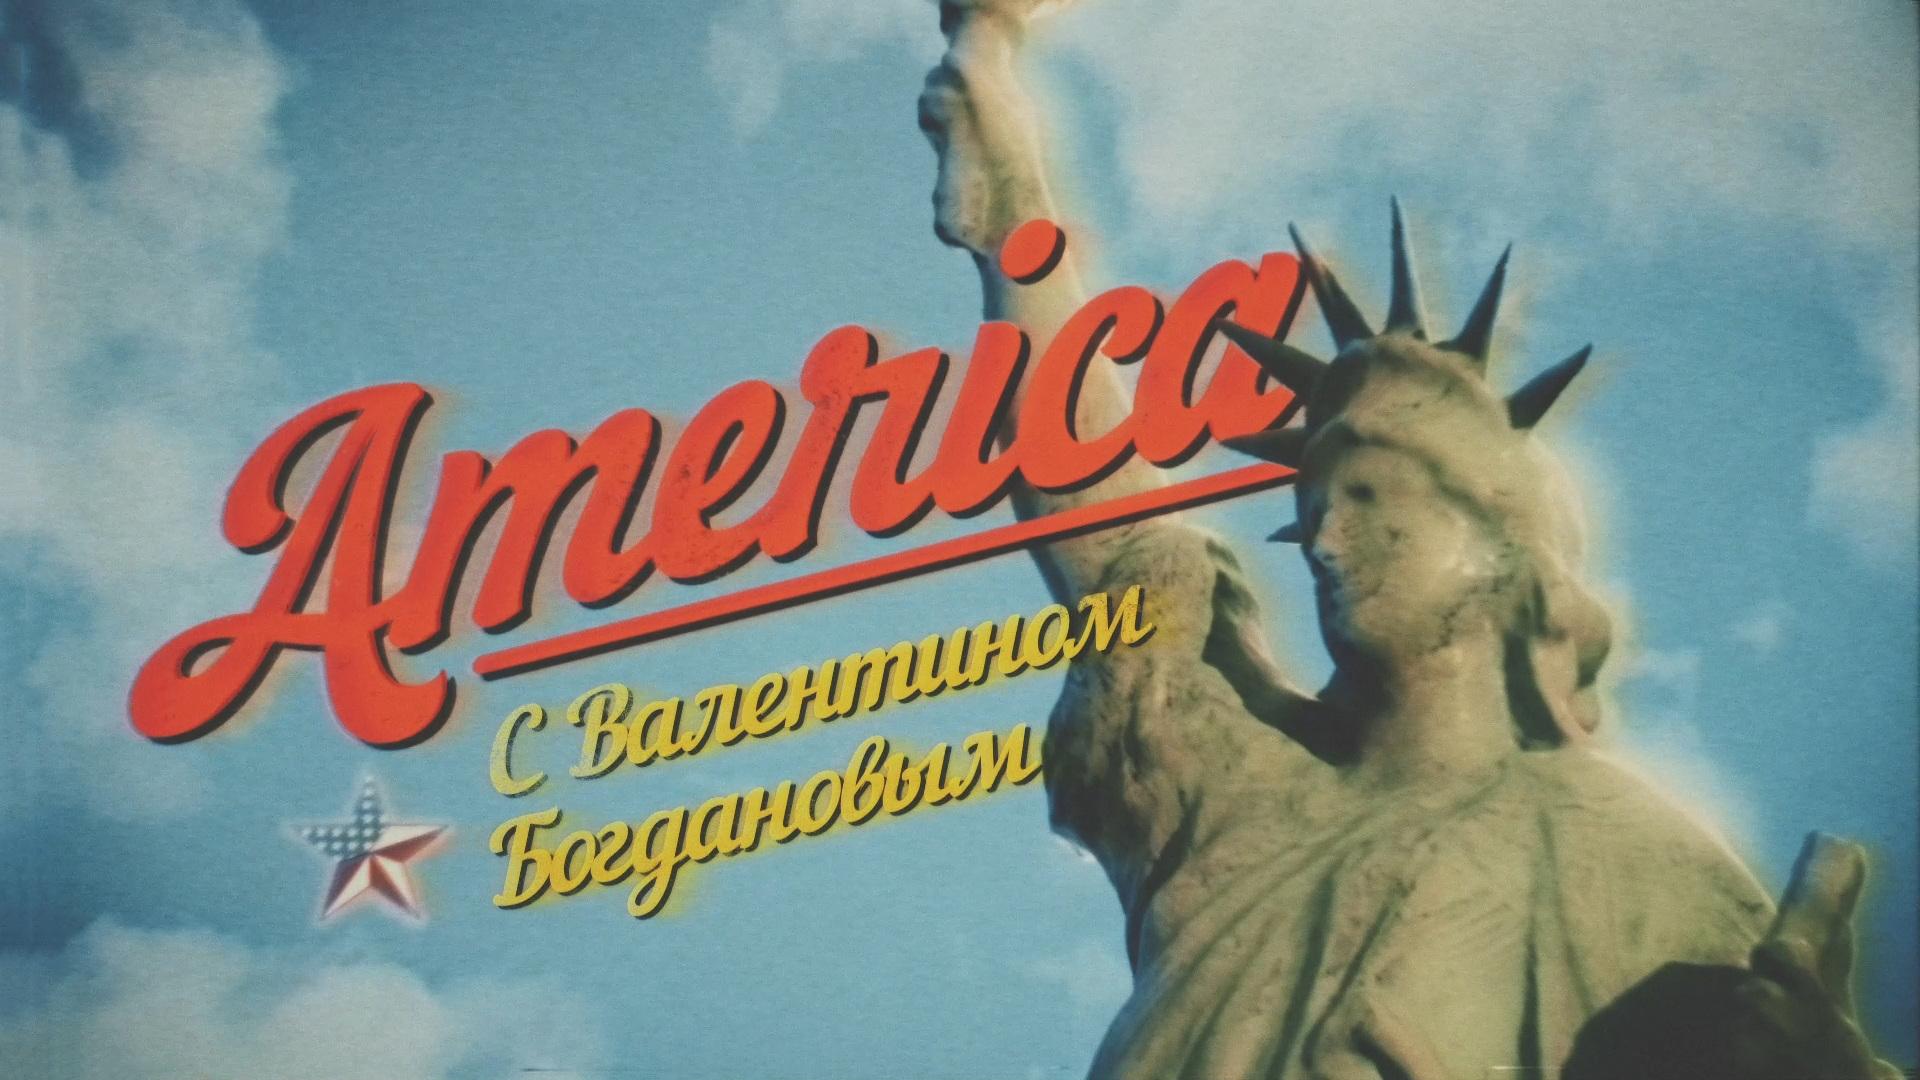 Америка с Валентином Богдановым